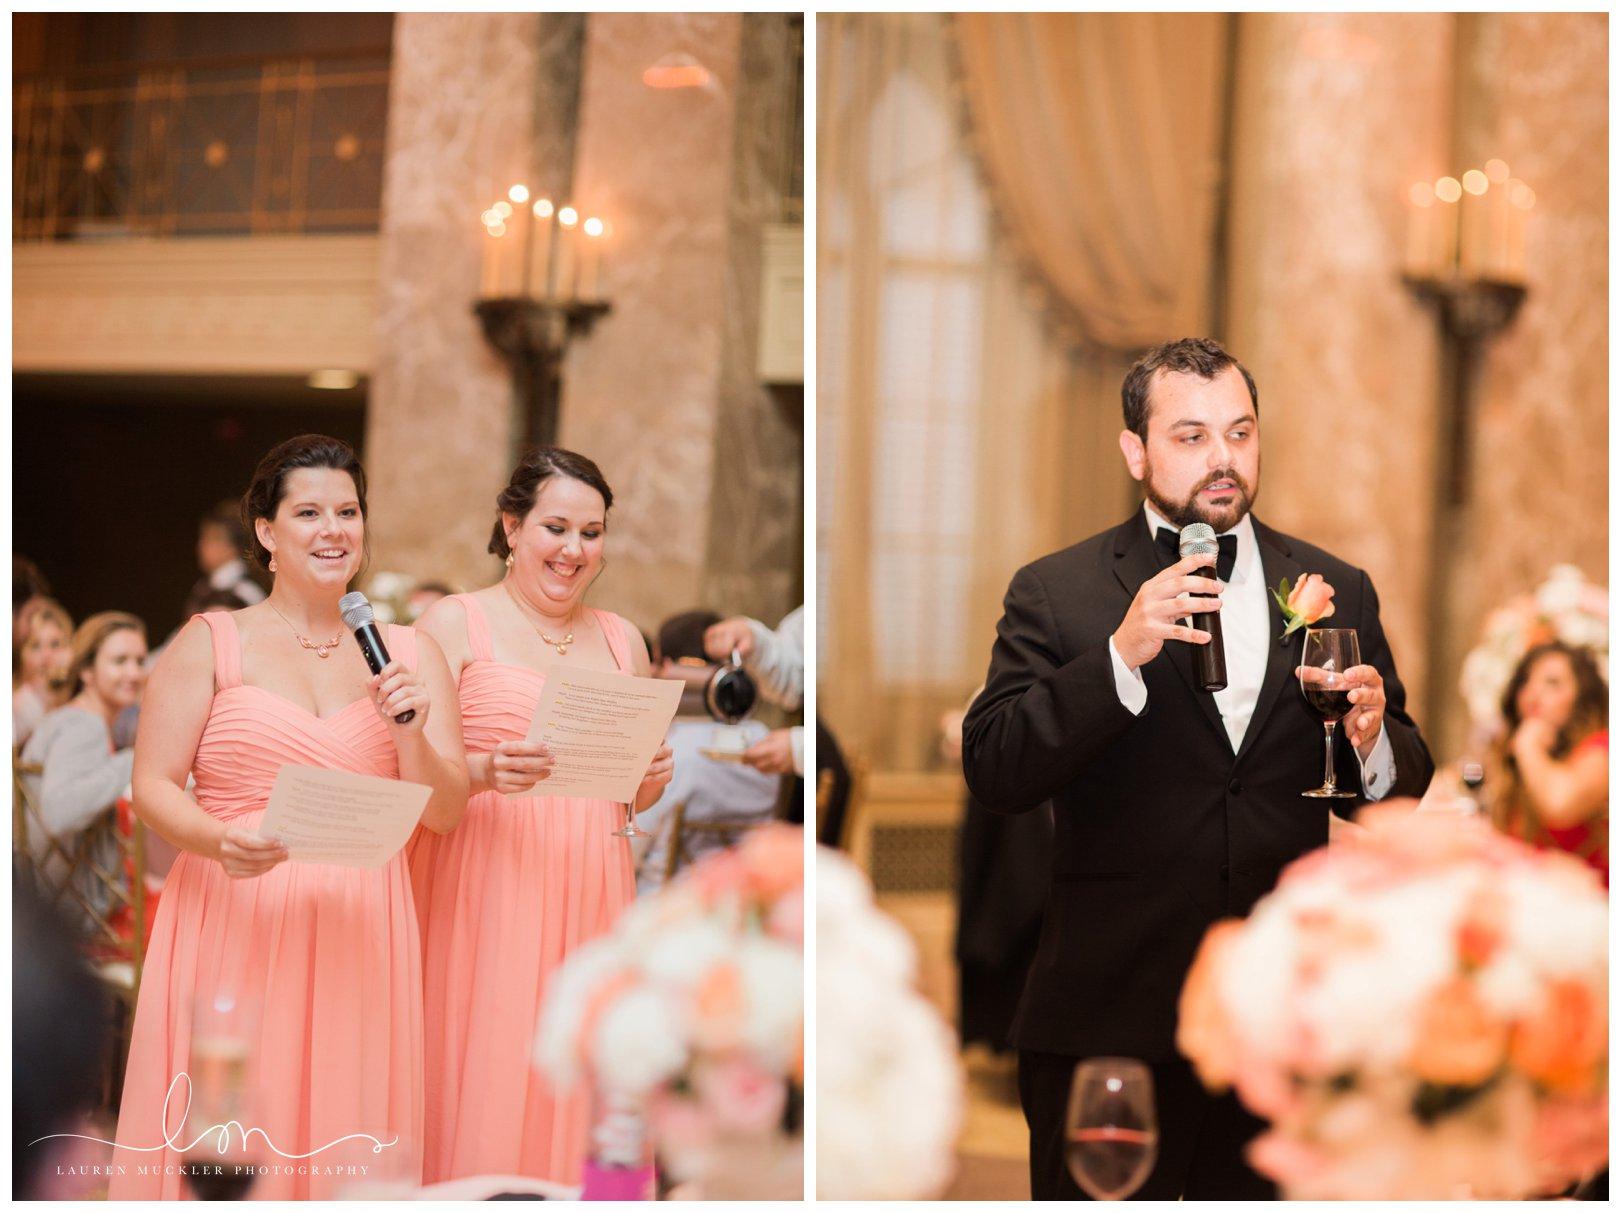 lauren muckler photography_fine art film wedding photography_st louis_photography_0637.jpg